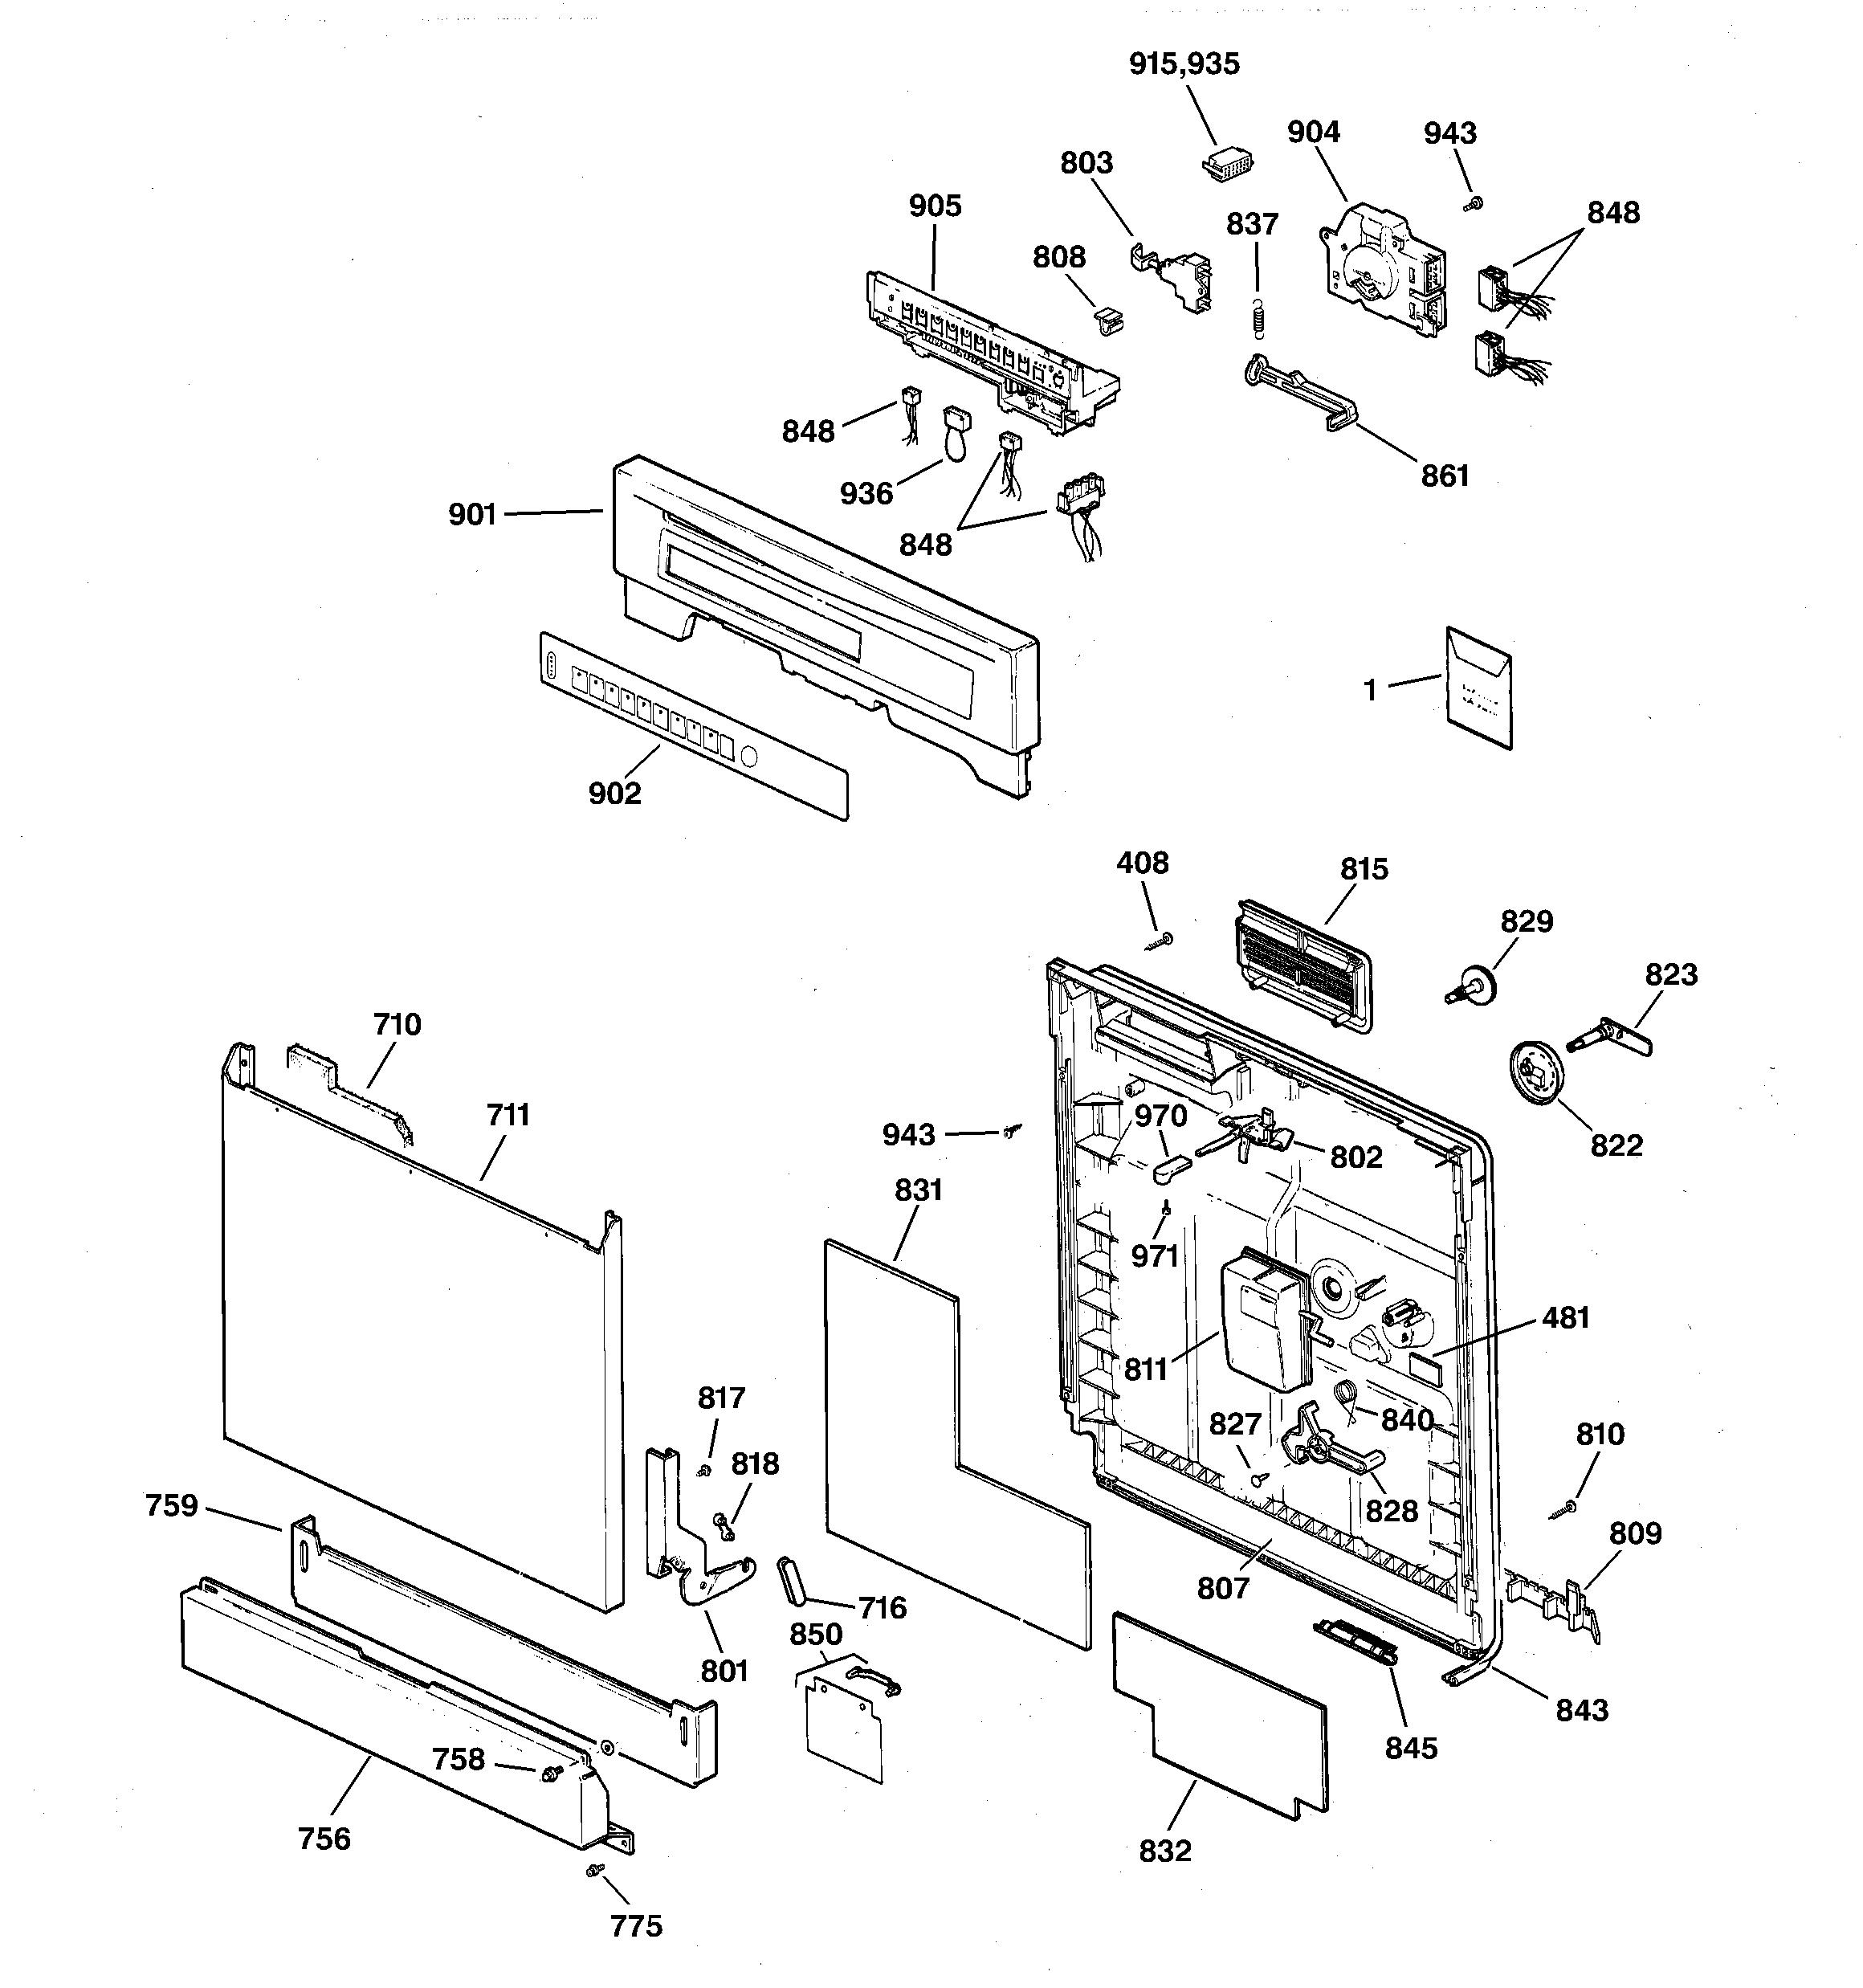 ge dishwasher diagram electrical wiring diagrams gdf520pgd4bb ge dishwasher diagram ge dishwasher diagrams [ 2320 x 2475 Pixel ]